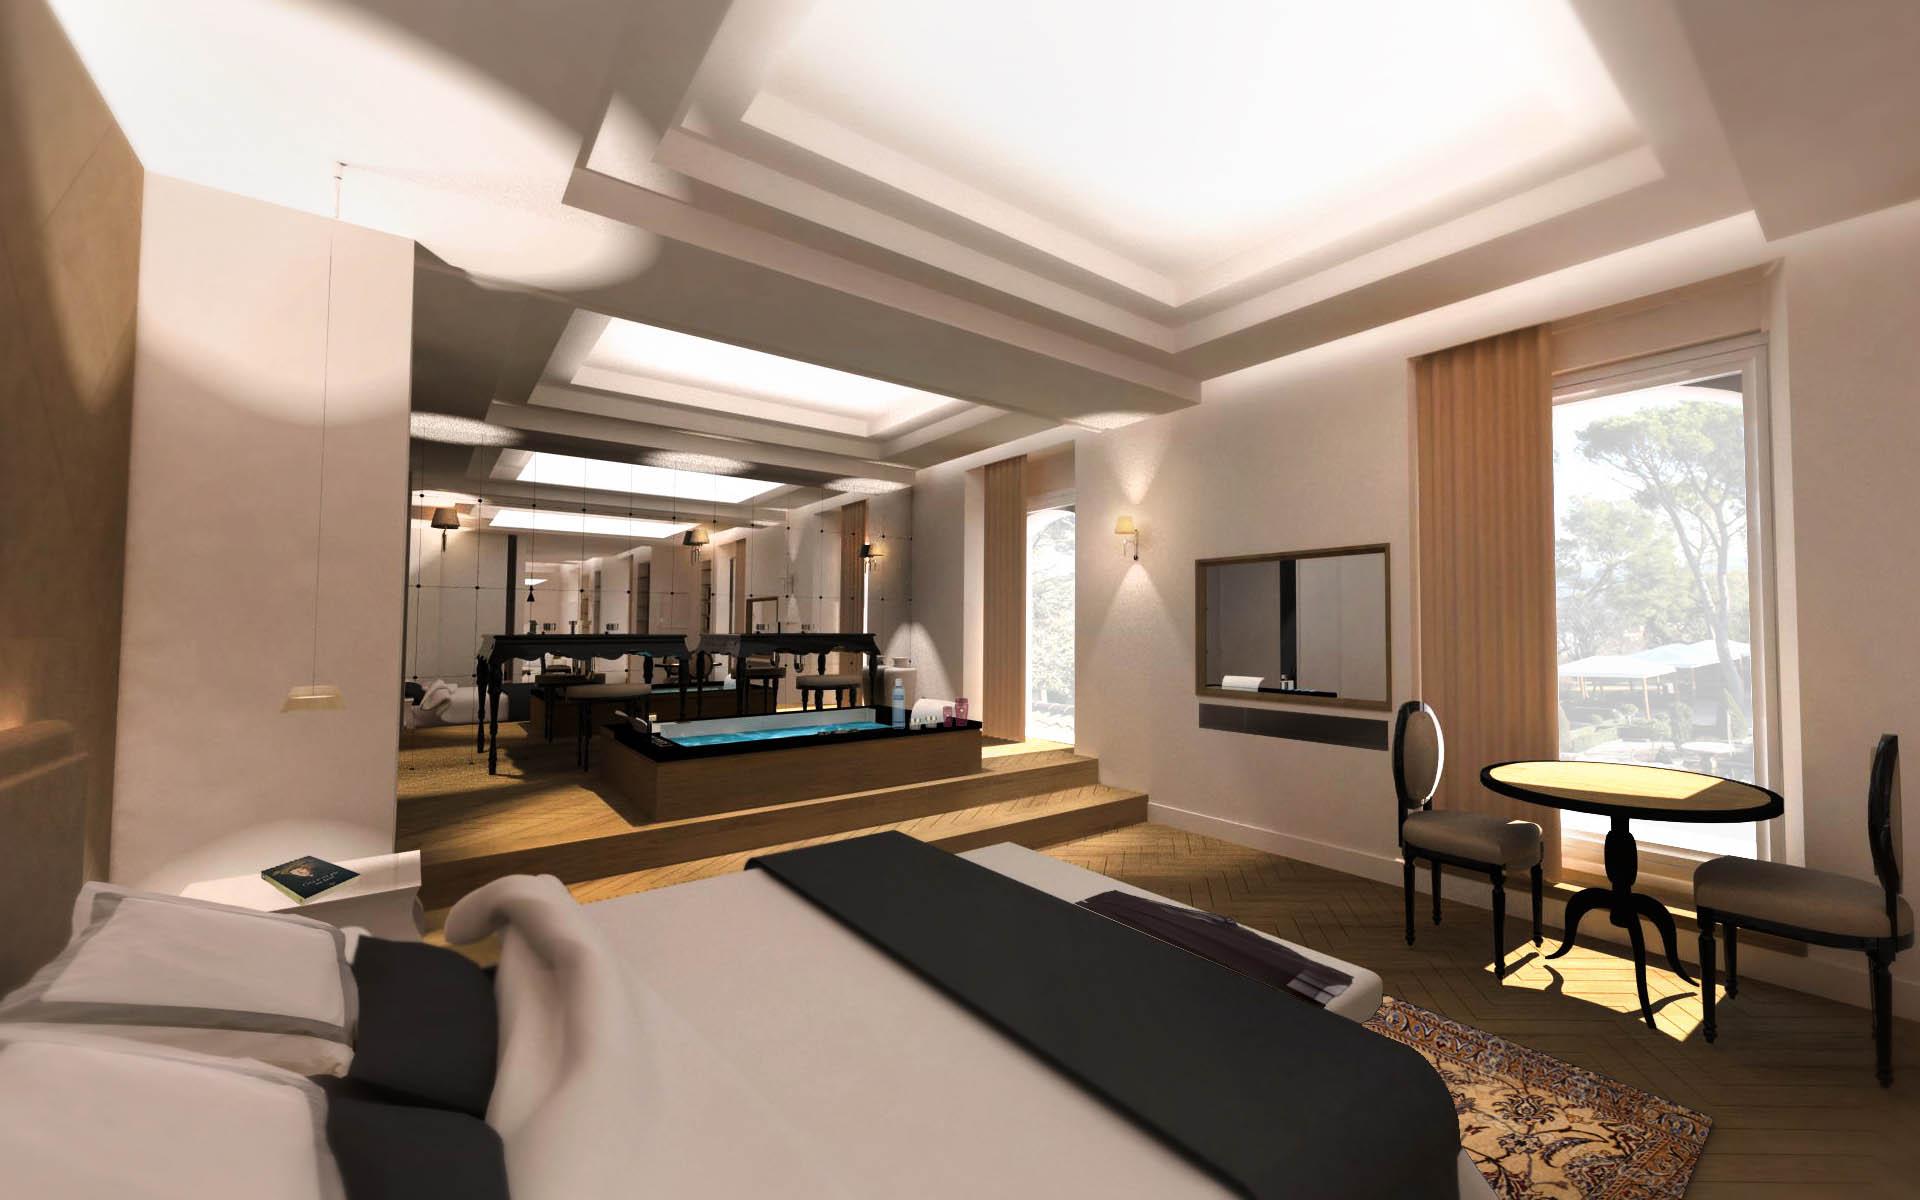 Architecte intérieur Hotel - Aix en provence 22